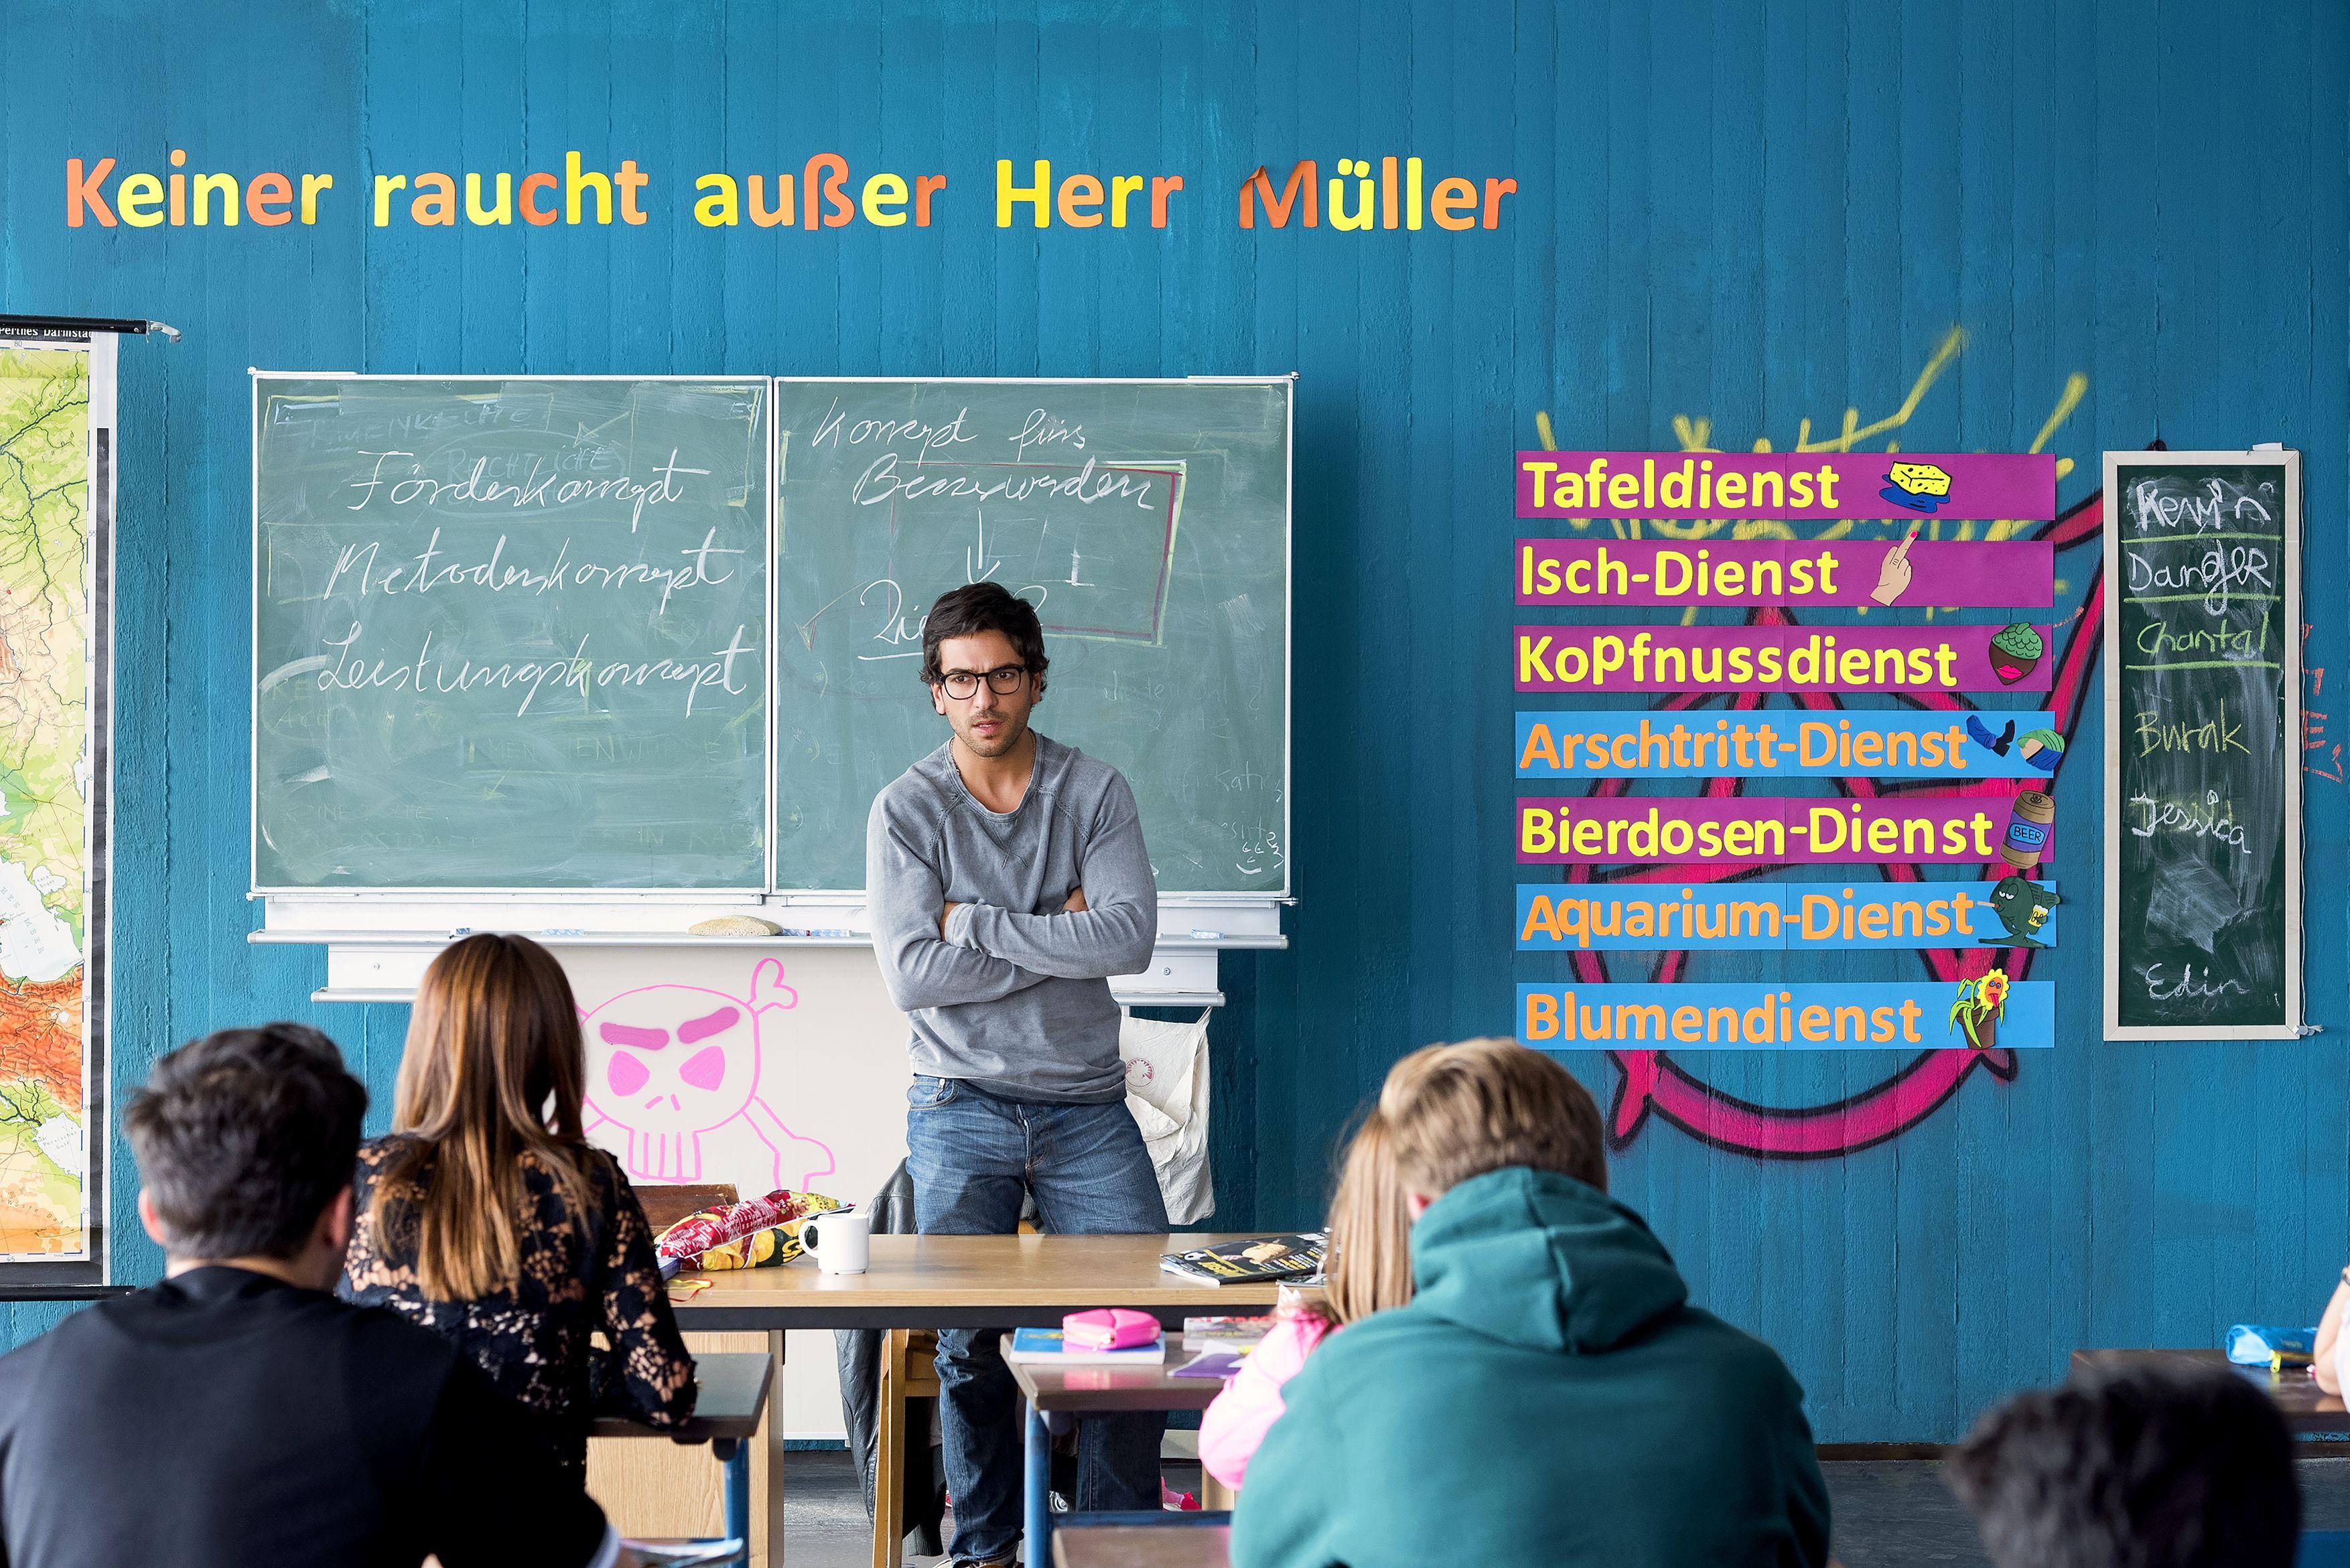 © 2015 Constantin Film Verleih GmbH / Christoph Assmann  Müller is bäck! Zeki (Elyas M'Barek) hat die 10b im Griff - noch.